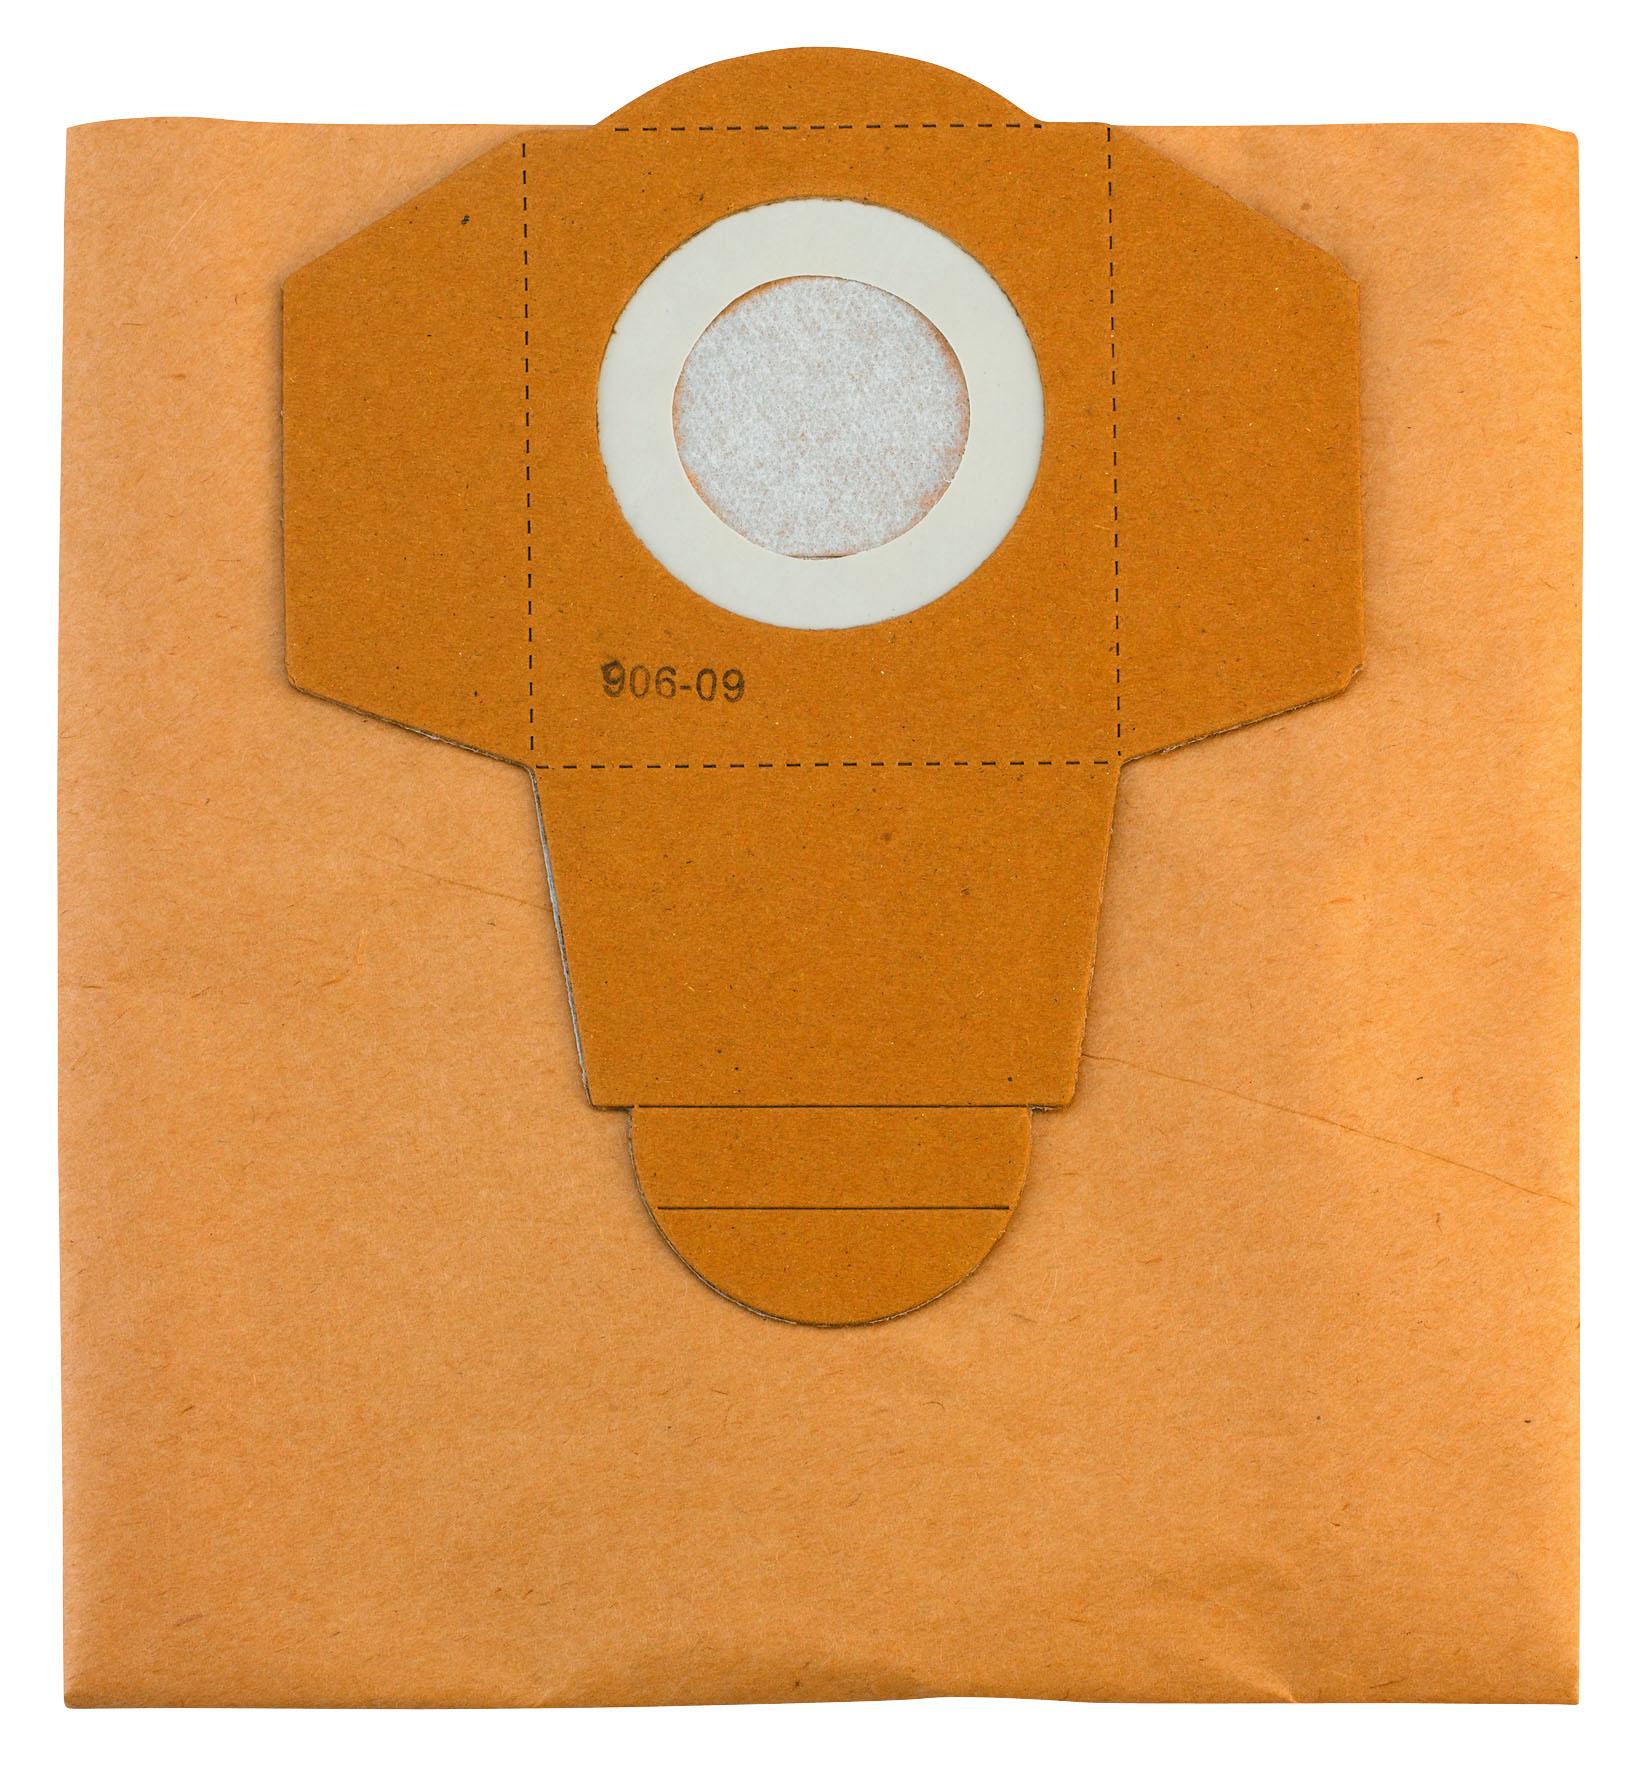 Støvposefilter 25 l ( 5 stk.), tilbehør til våd-/tørstøvsuge